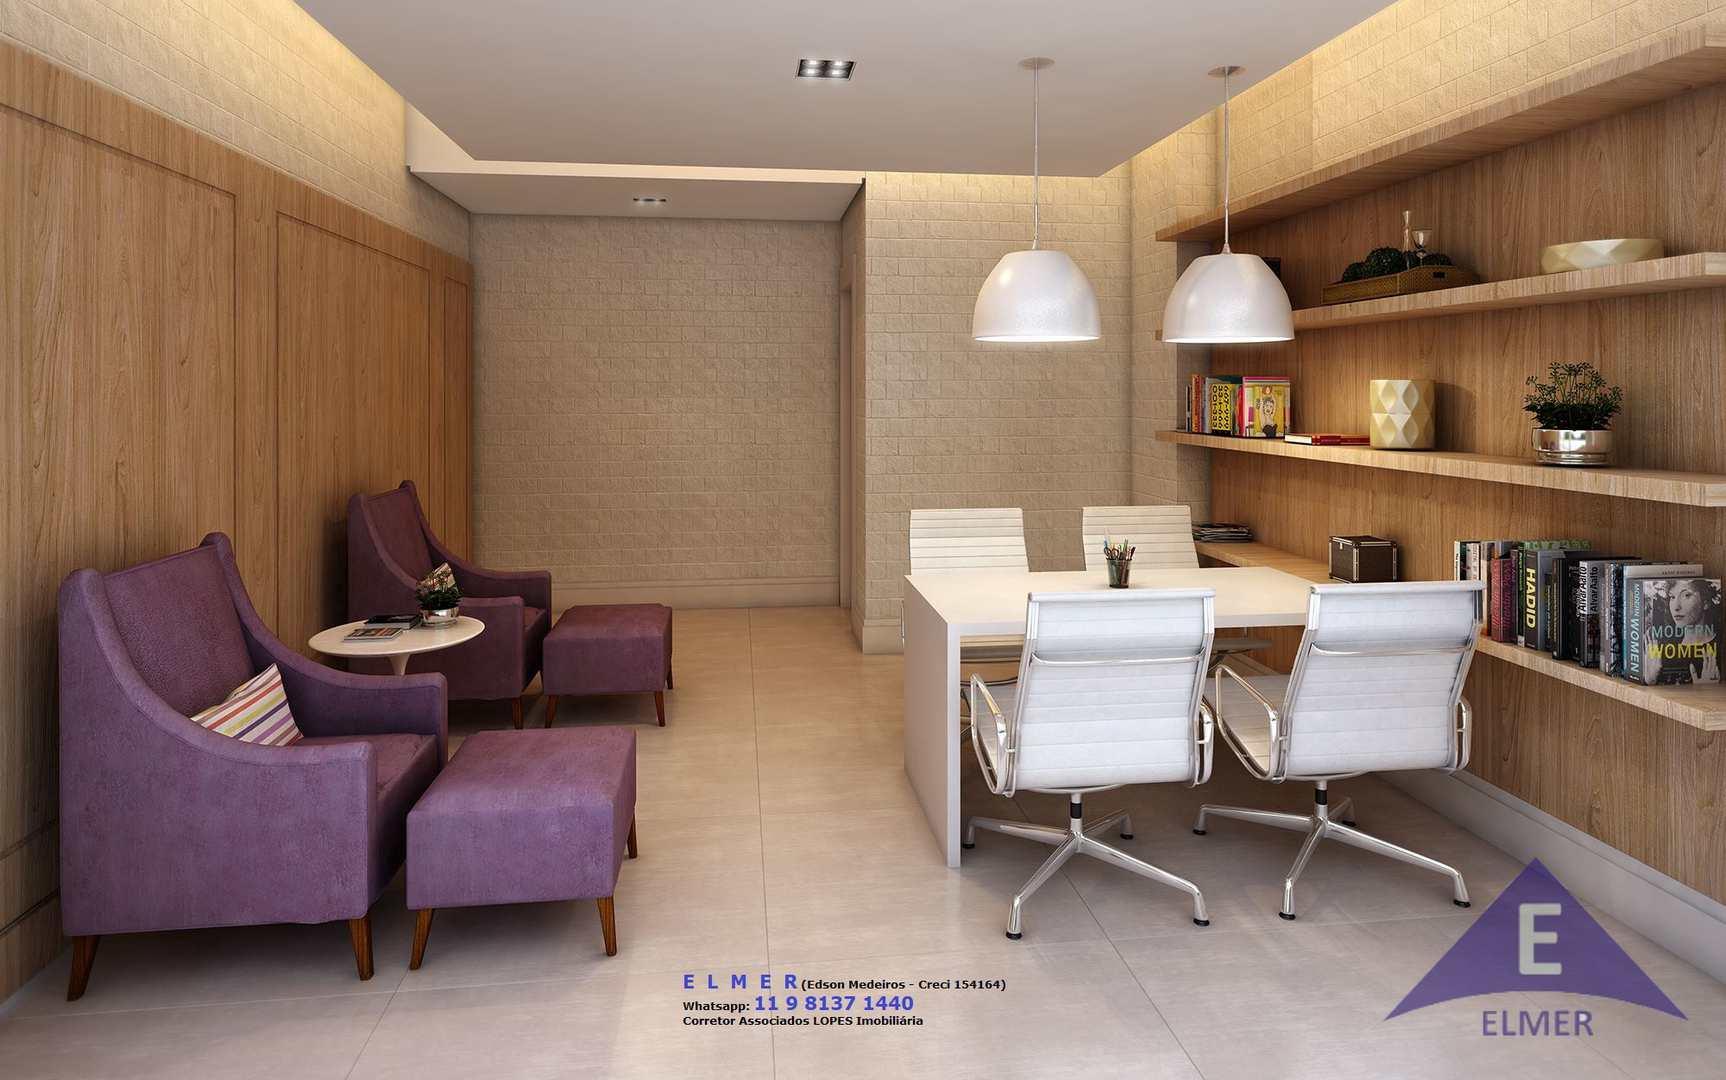 Home office - Elmer